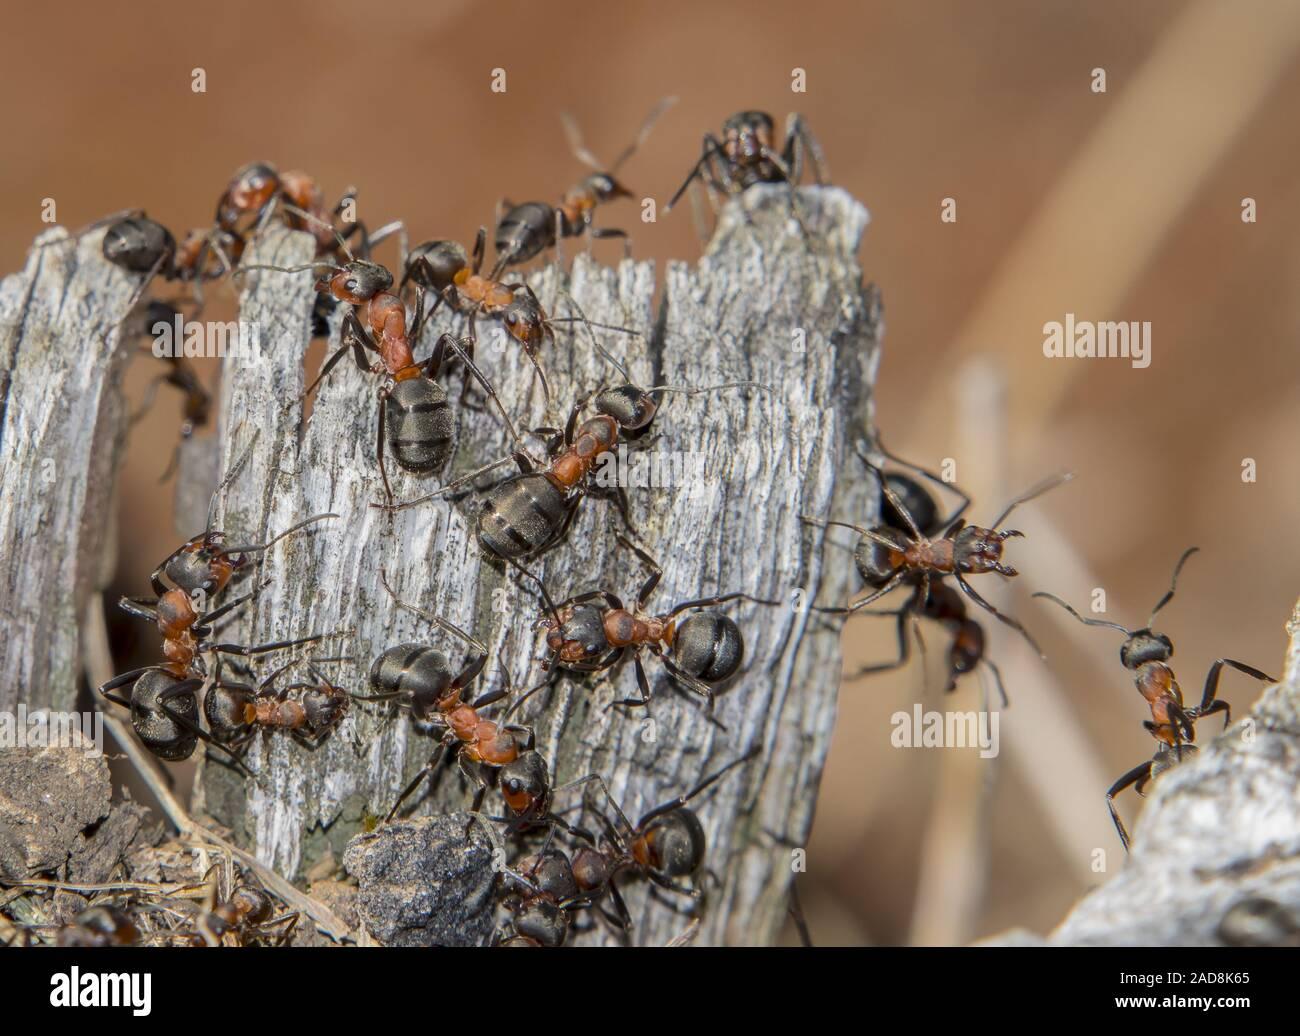 In legno rosso 'ant formica rufa' Foto Stock